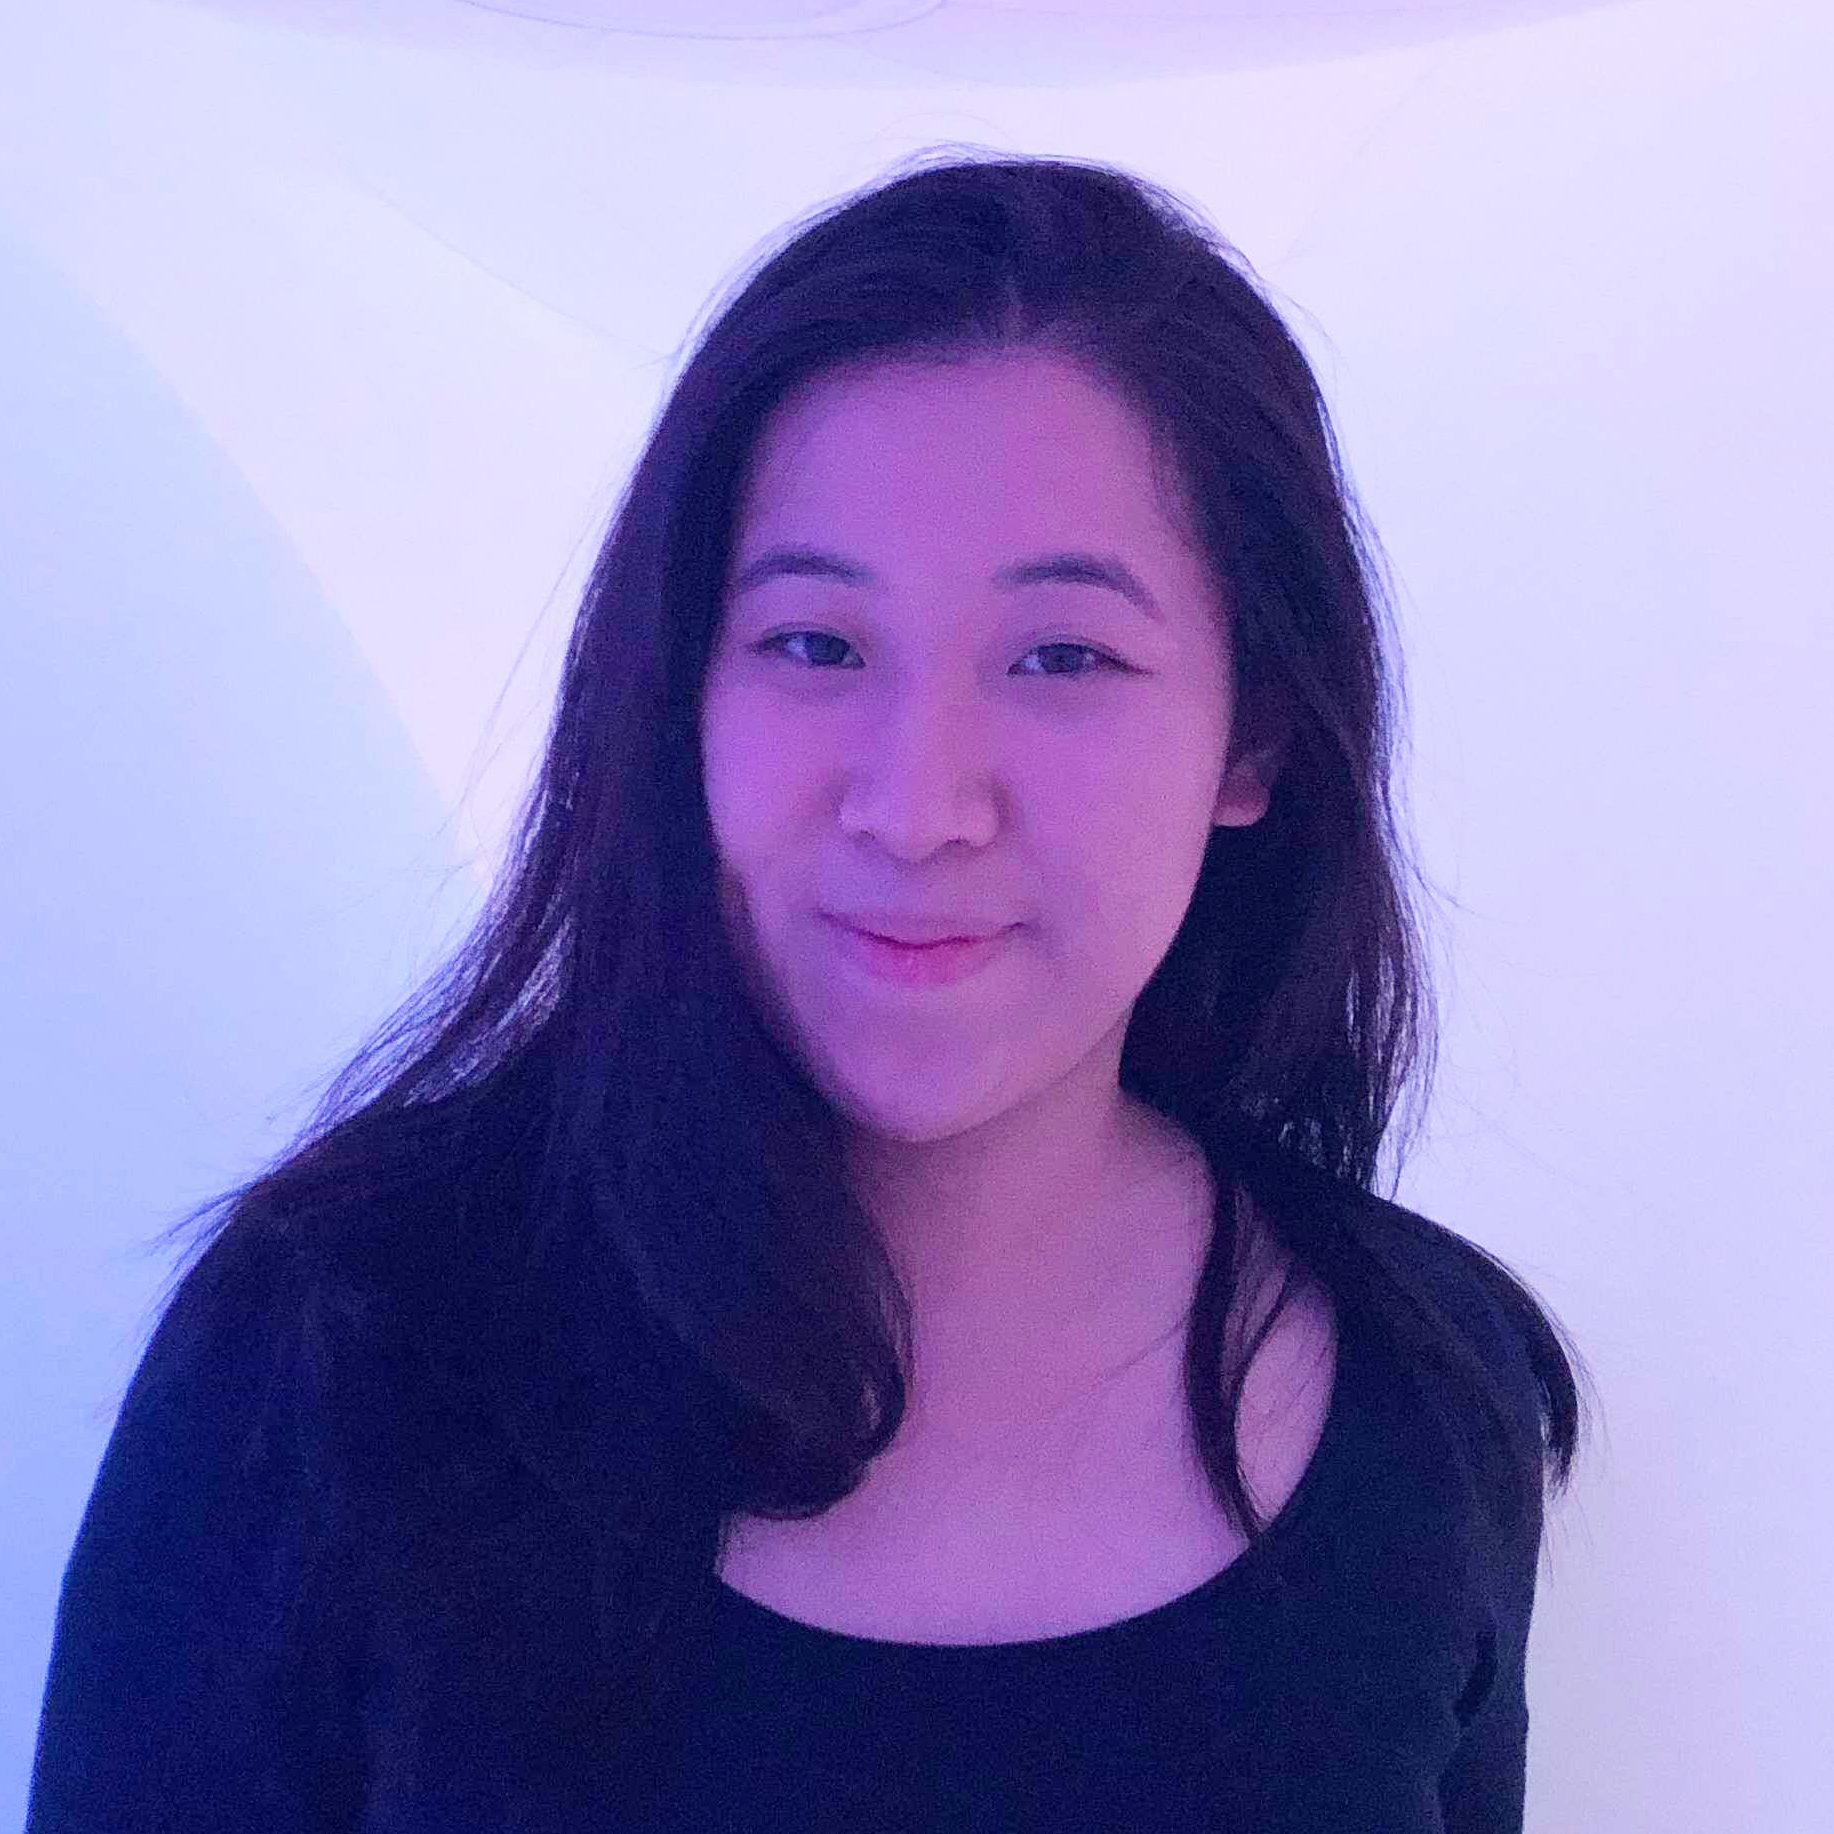 Eugenie Kwan